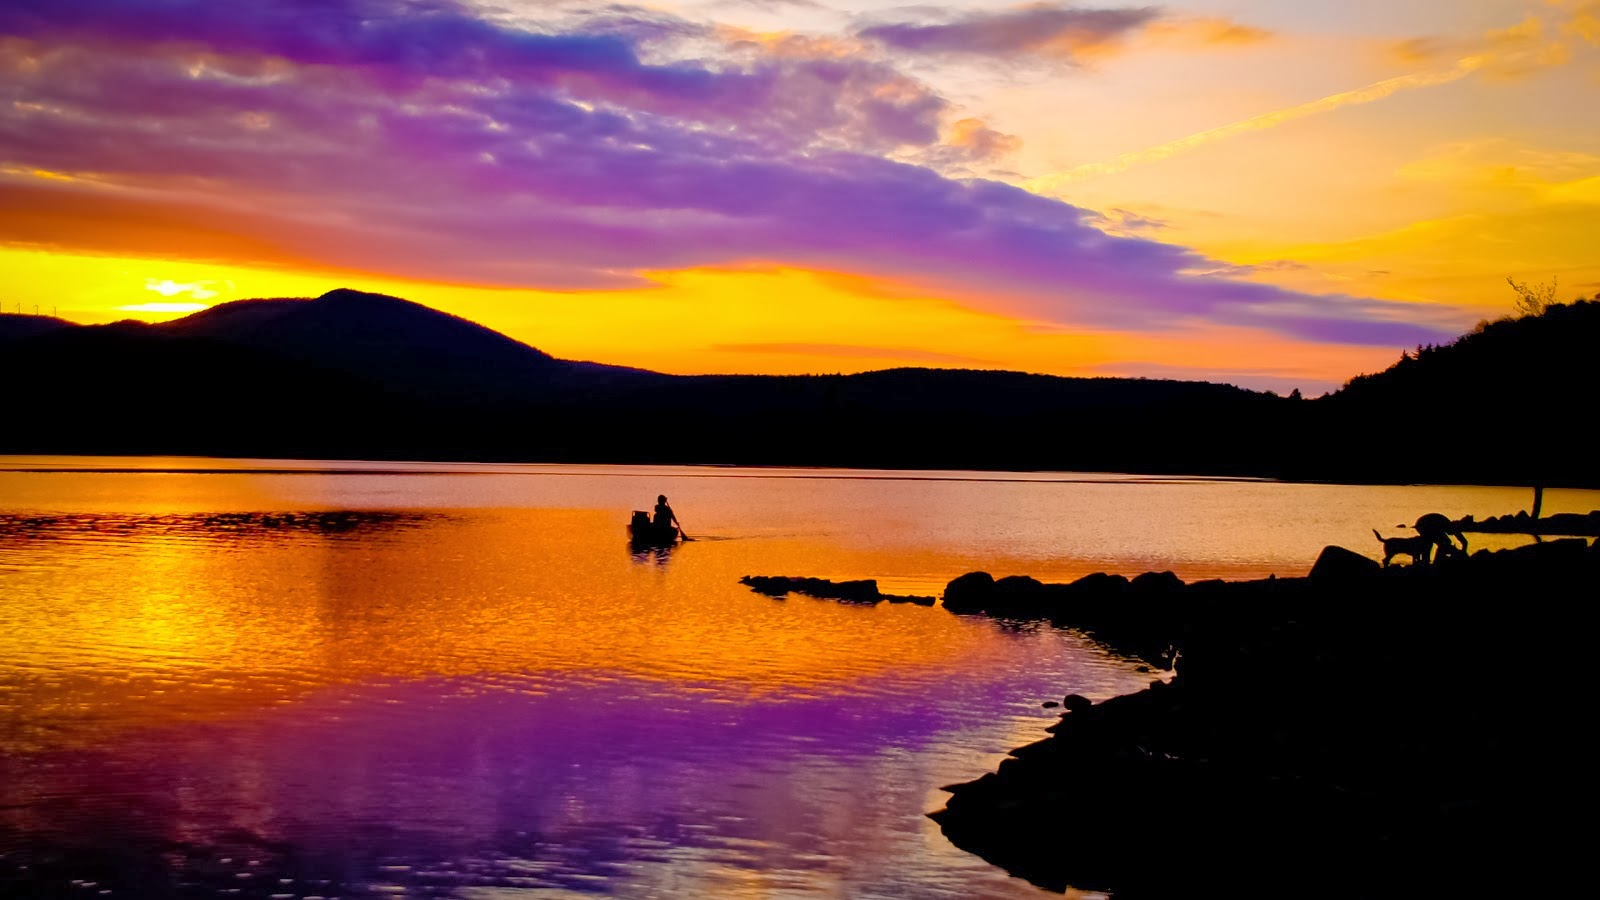 beautiful landscape sunset wwwimgkidcom the image